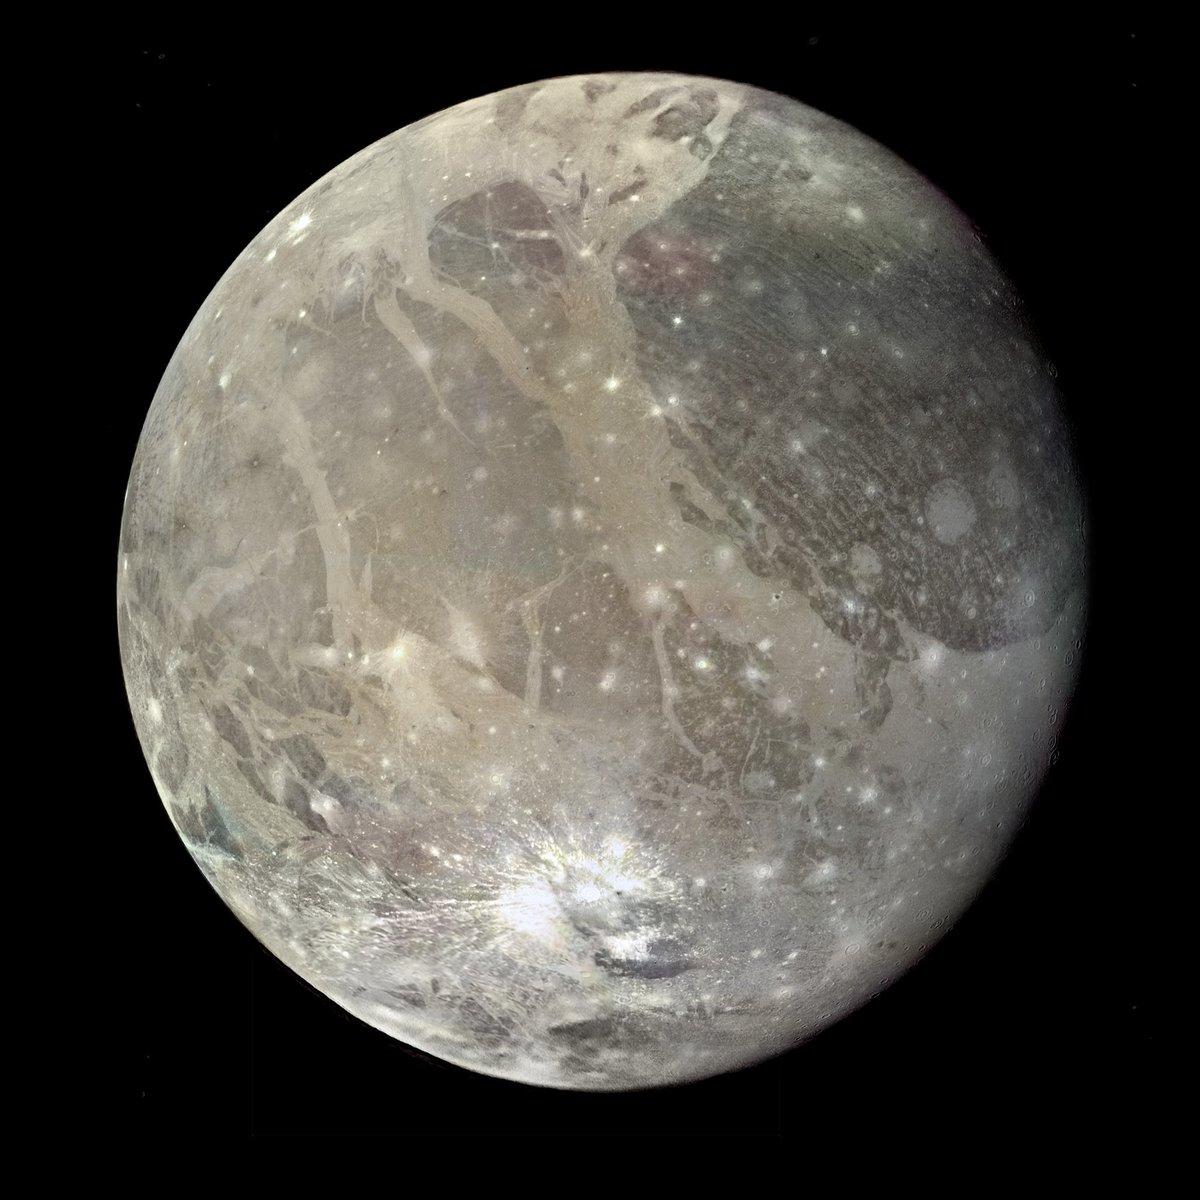 ganymede auroral belt shifting - HD1024×1024